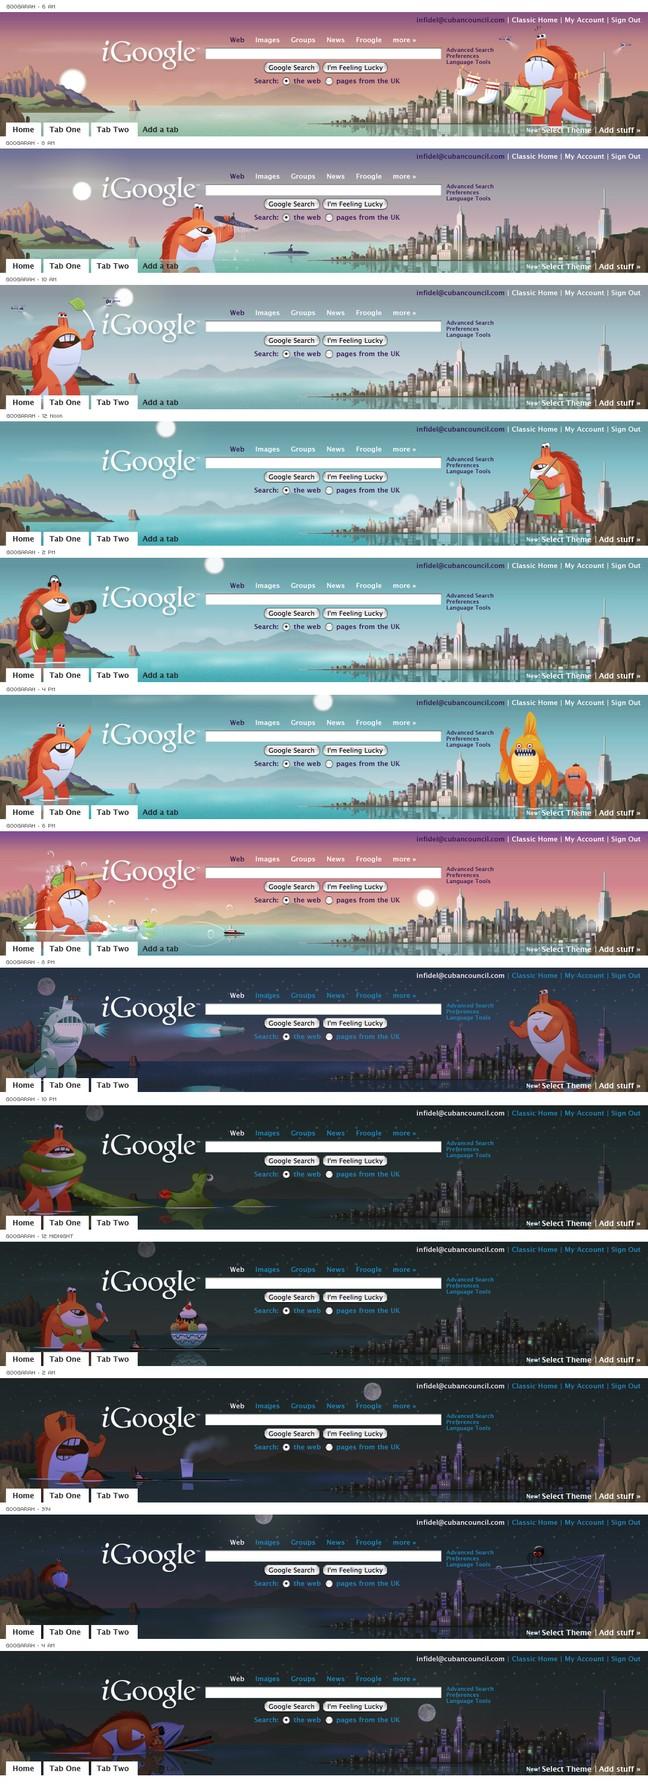 Google themes personalized homepage - Art By Trevor Van Meter